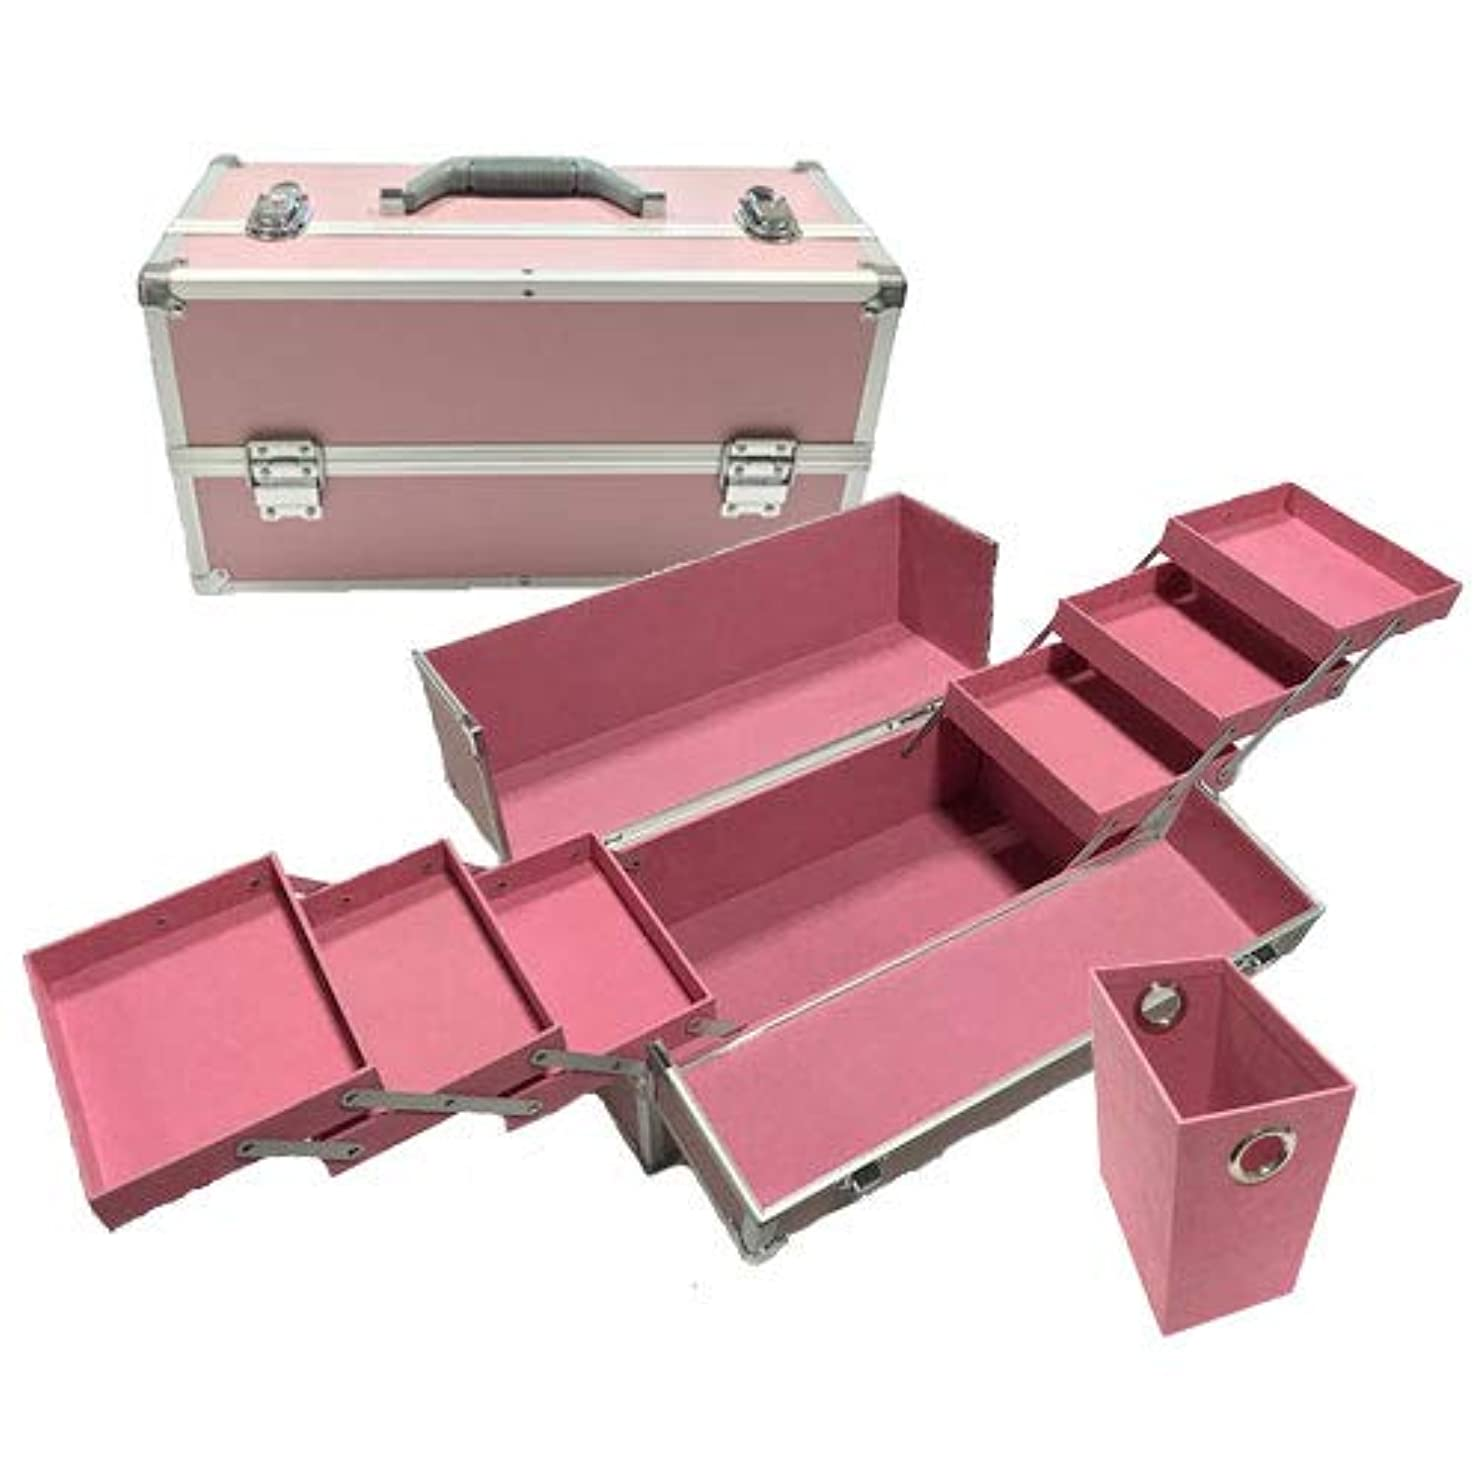 フィルタ連隊アニメーションリライアブル コスメボックス ワイド RB203-PP 鍵付き プロ仕様 メイクボックス 大容量 化粧品収納 小物入れ 6段トレー ベロア メイクケース コスメBOX 持ち運び ネイルケース